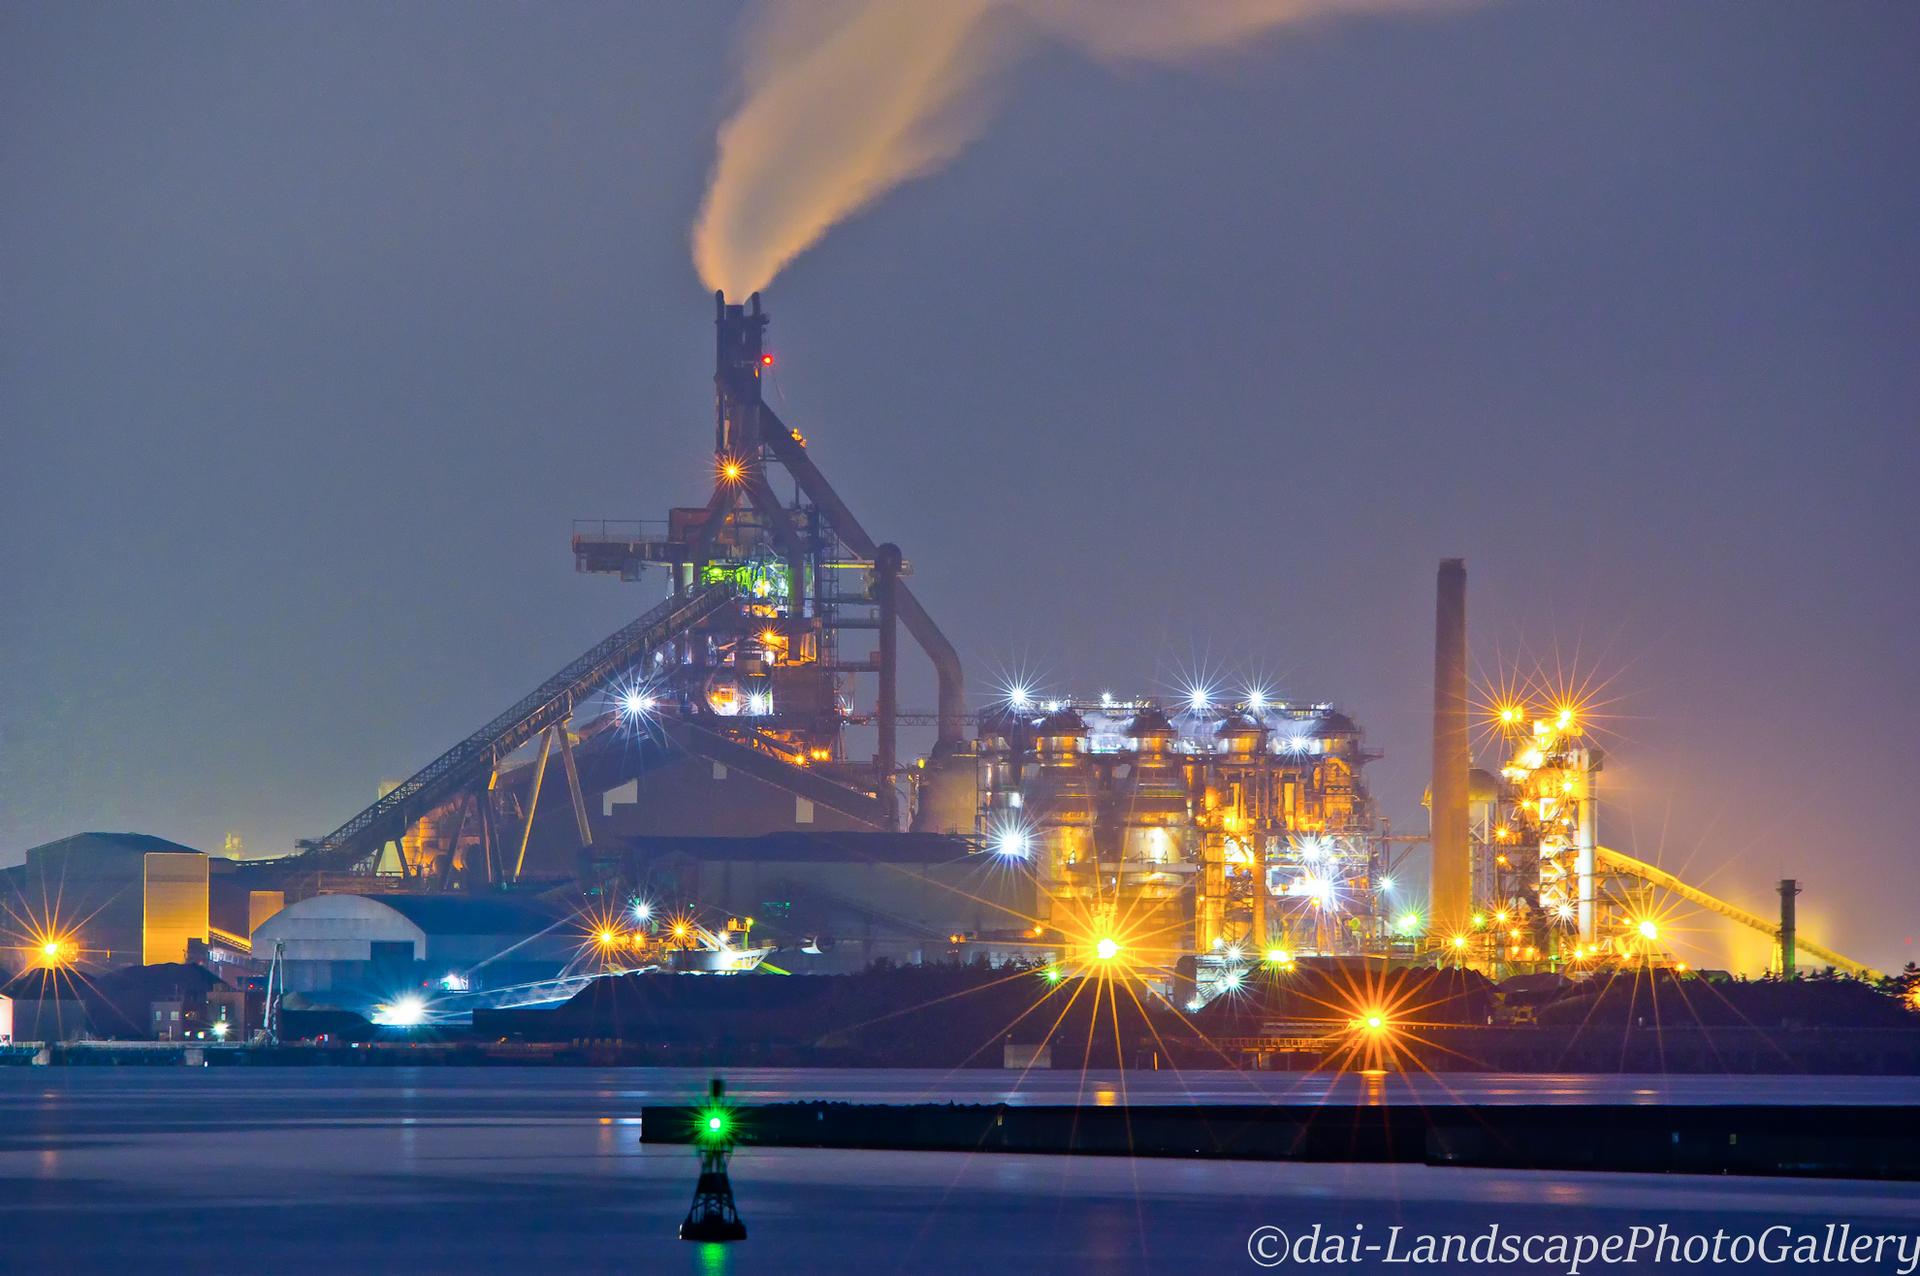 木更津港の製鉄所夜景